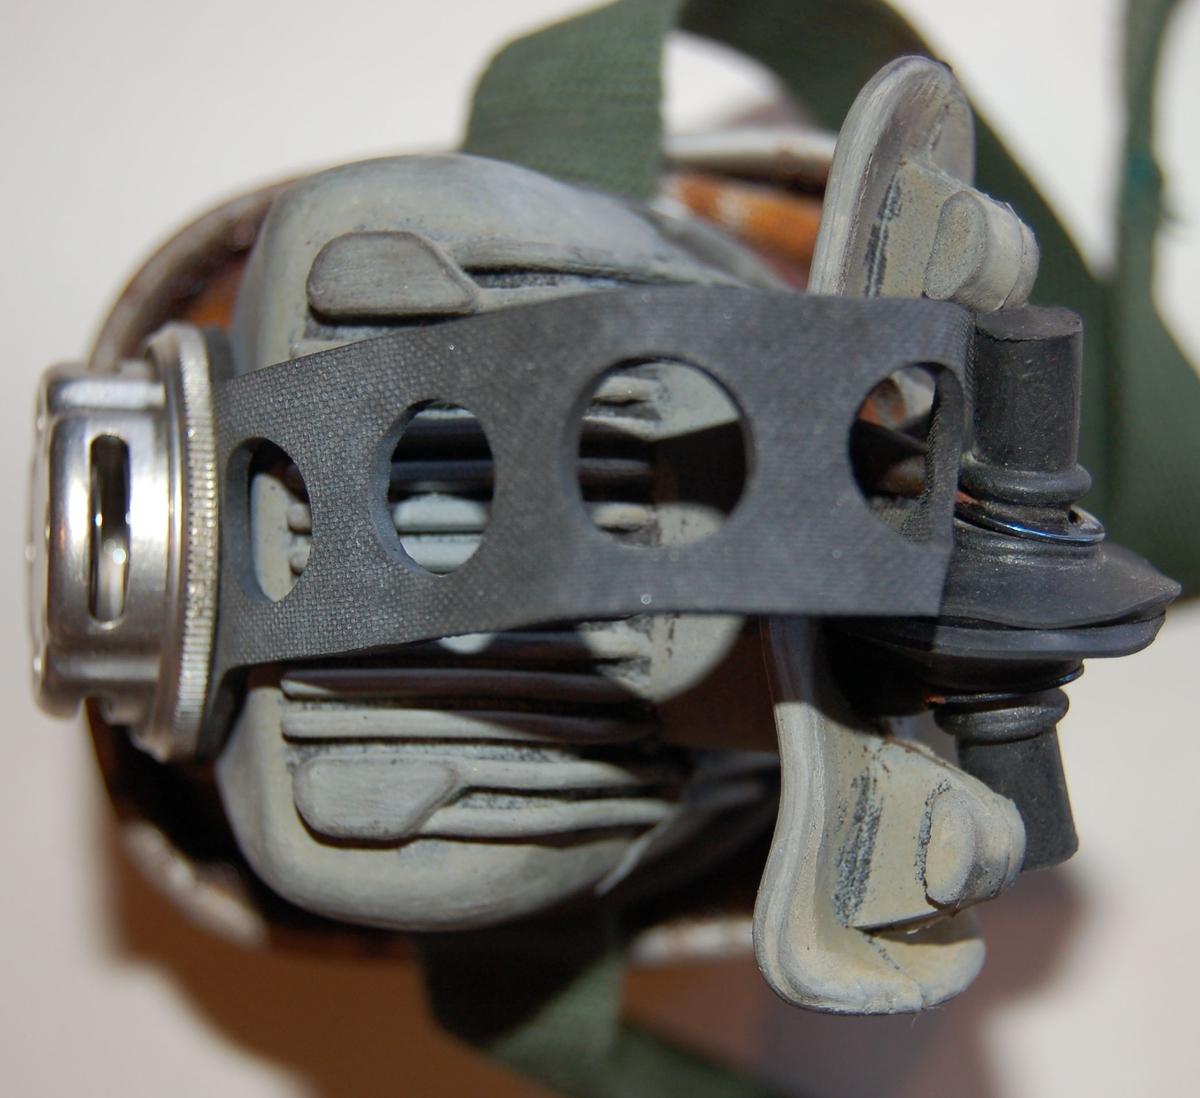 Rektangulært formet filter festet til et munnstykke til å putte i munnen, med tilhørende reimer til å holde filteret på plass